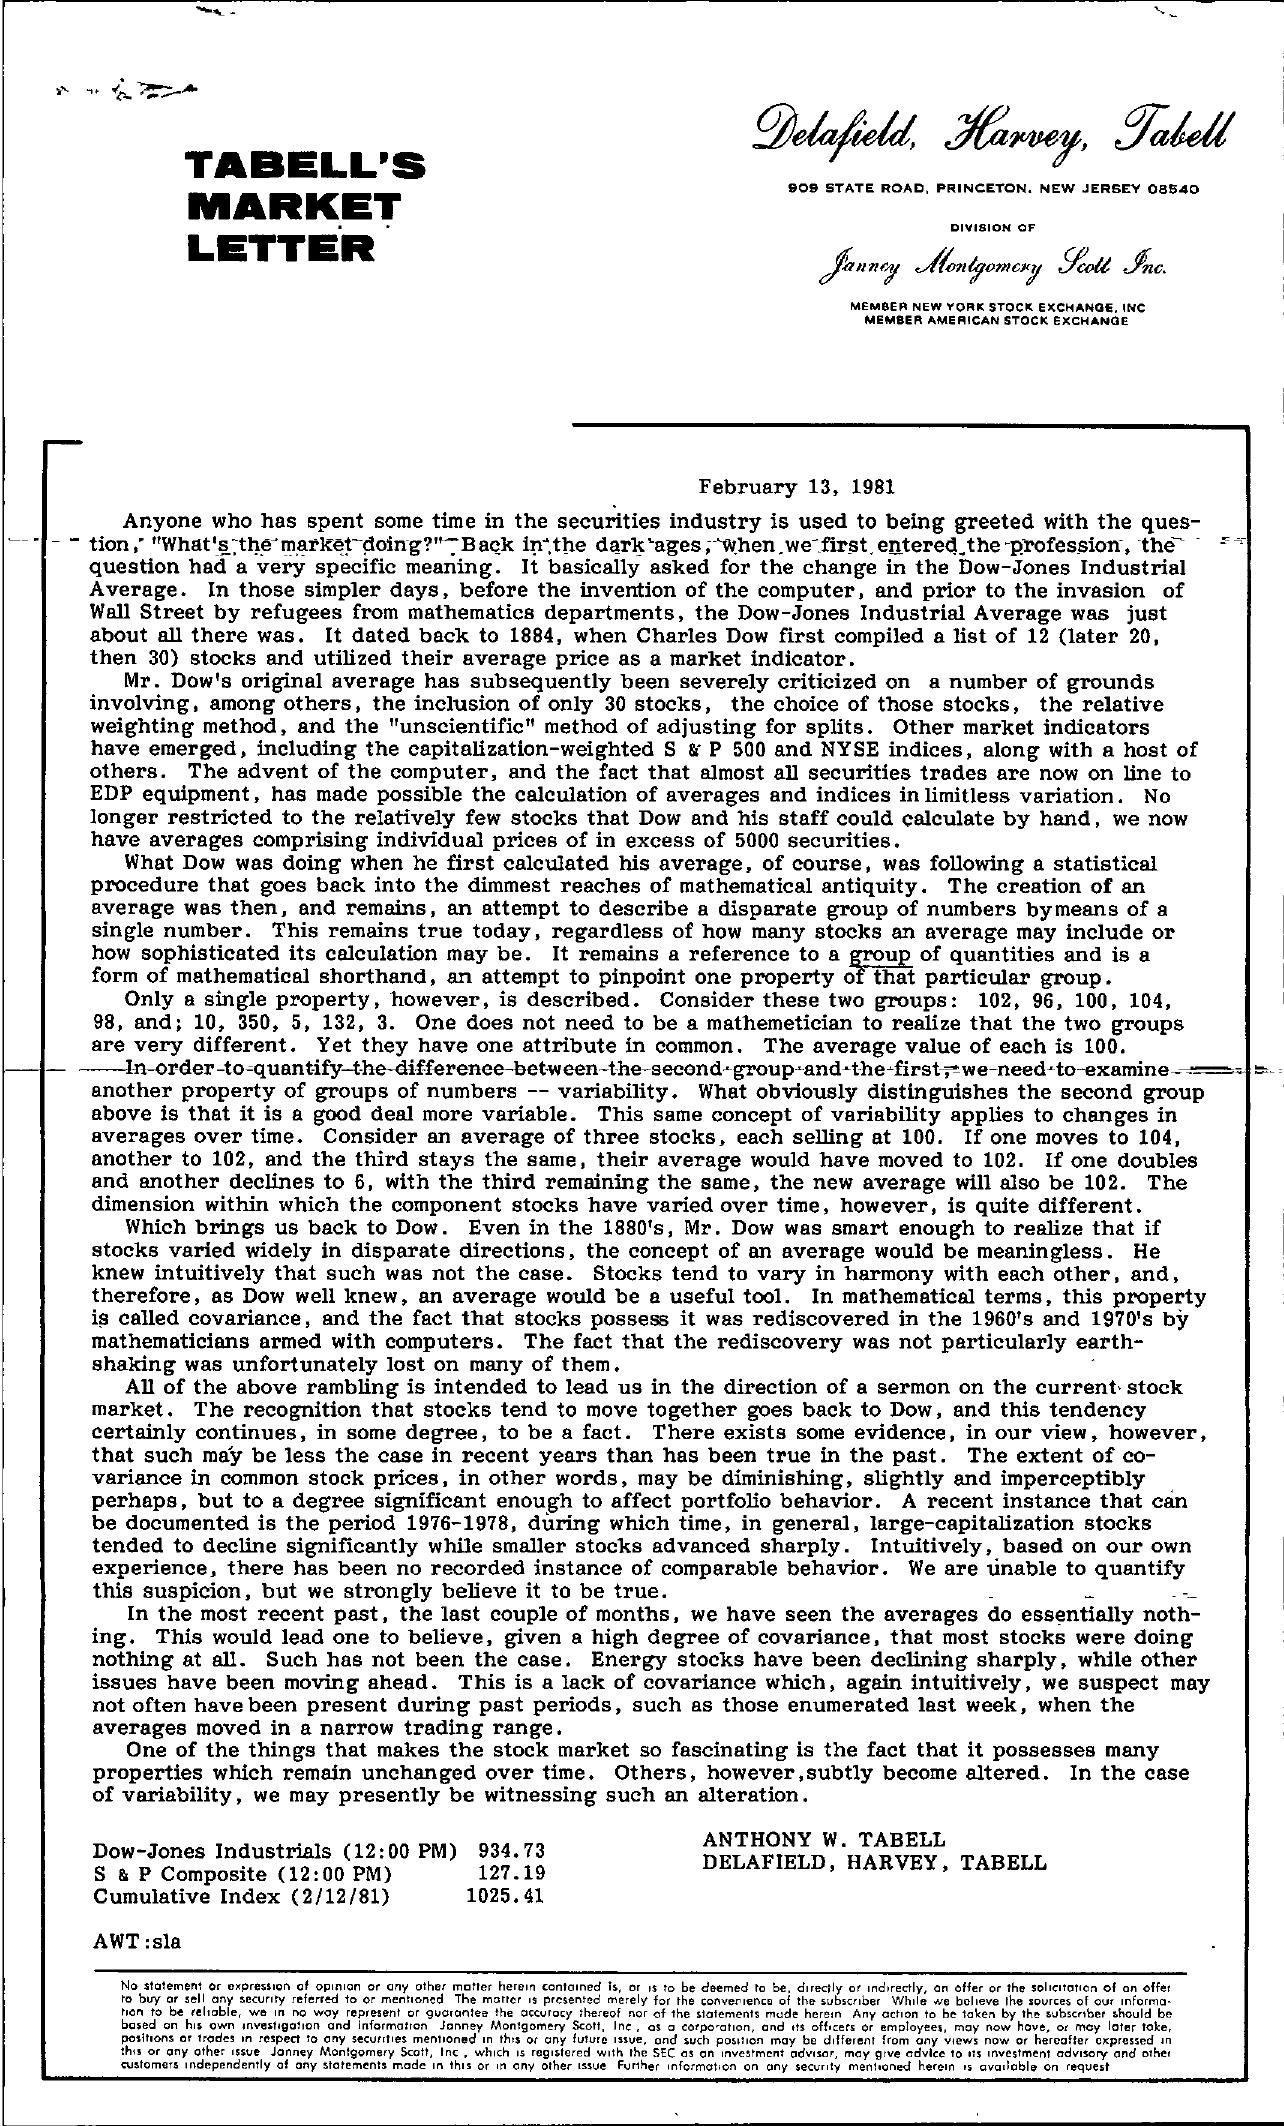 Tabell's Market Letter - February 13, 1981